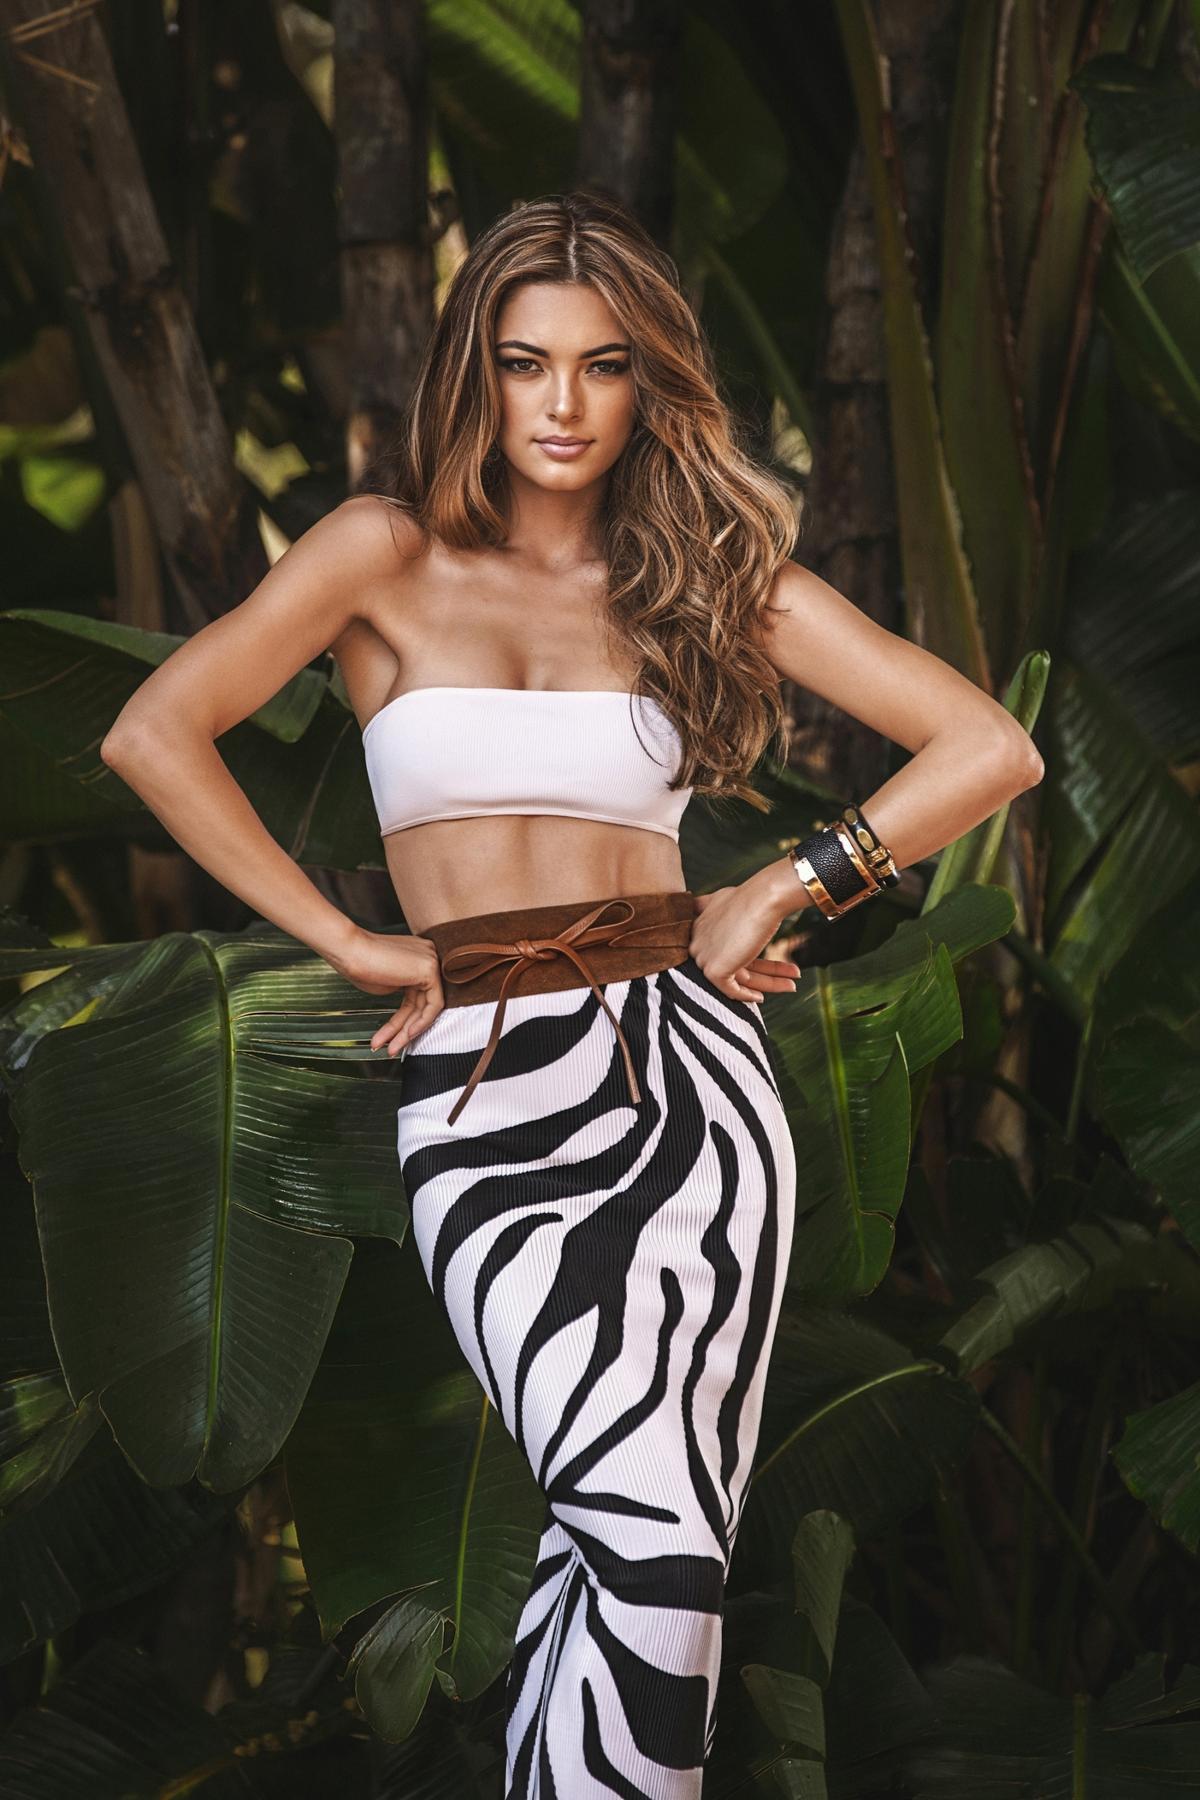 Hoa hậu của 6 cuộc thi lớn nhất thế giới năm 2017: Người đẹp tuyệt trần, kẻ thì bị chê là thảm họa - Ảnh 2.